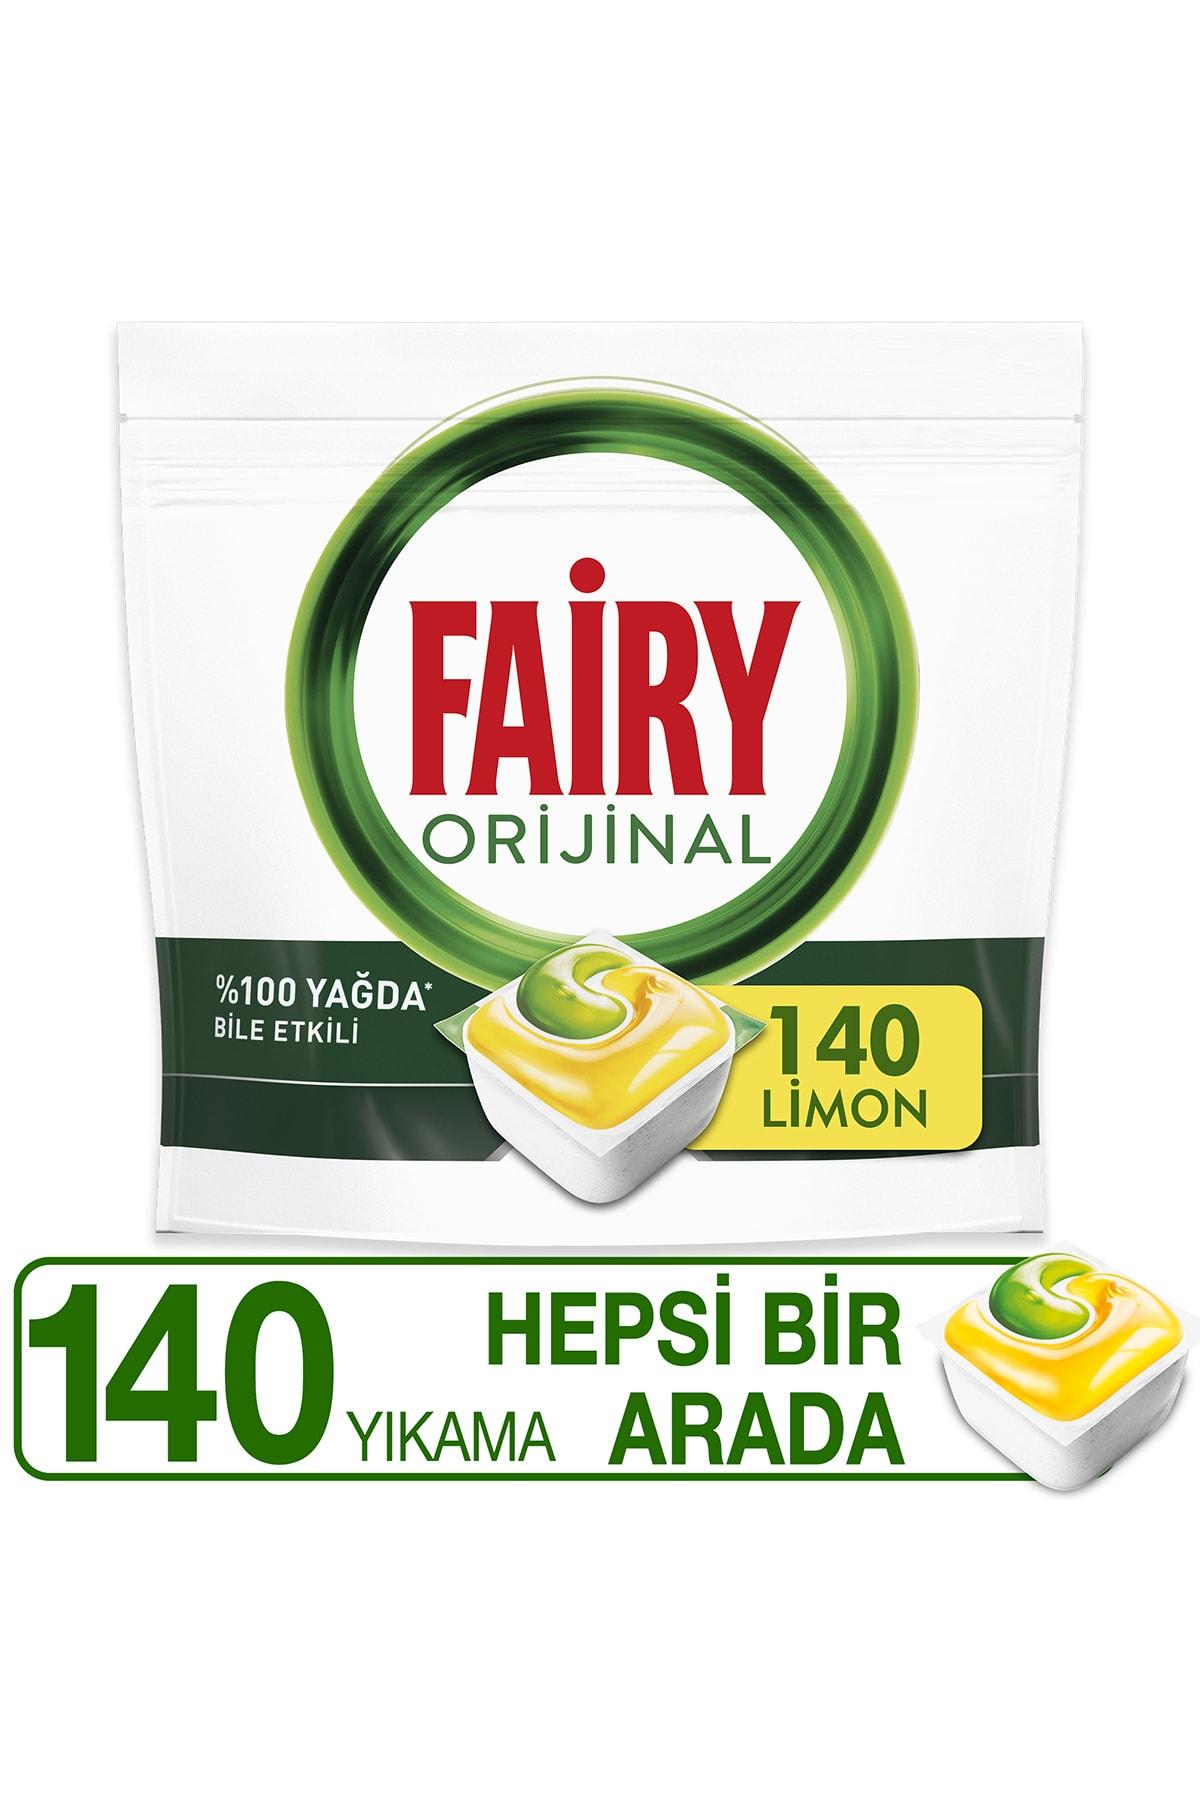 Fairy Hepsi Bir Arada 140 Yıkama Bulaşık Makinesi Deterjanı Kapsülü Limon Kokulu 1